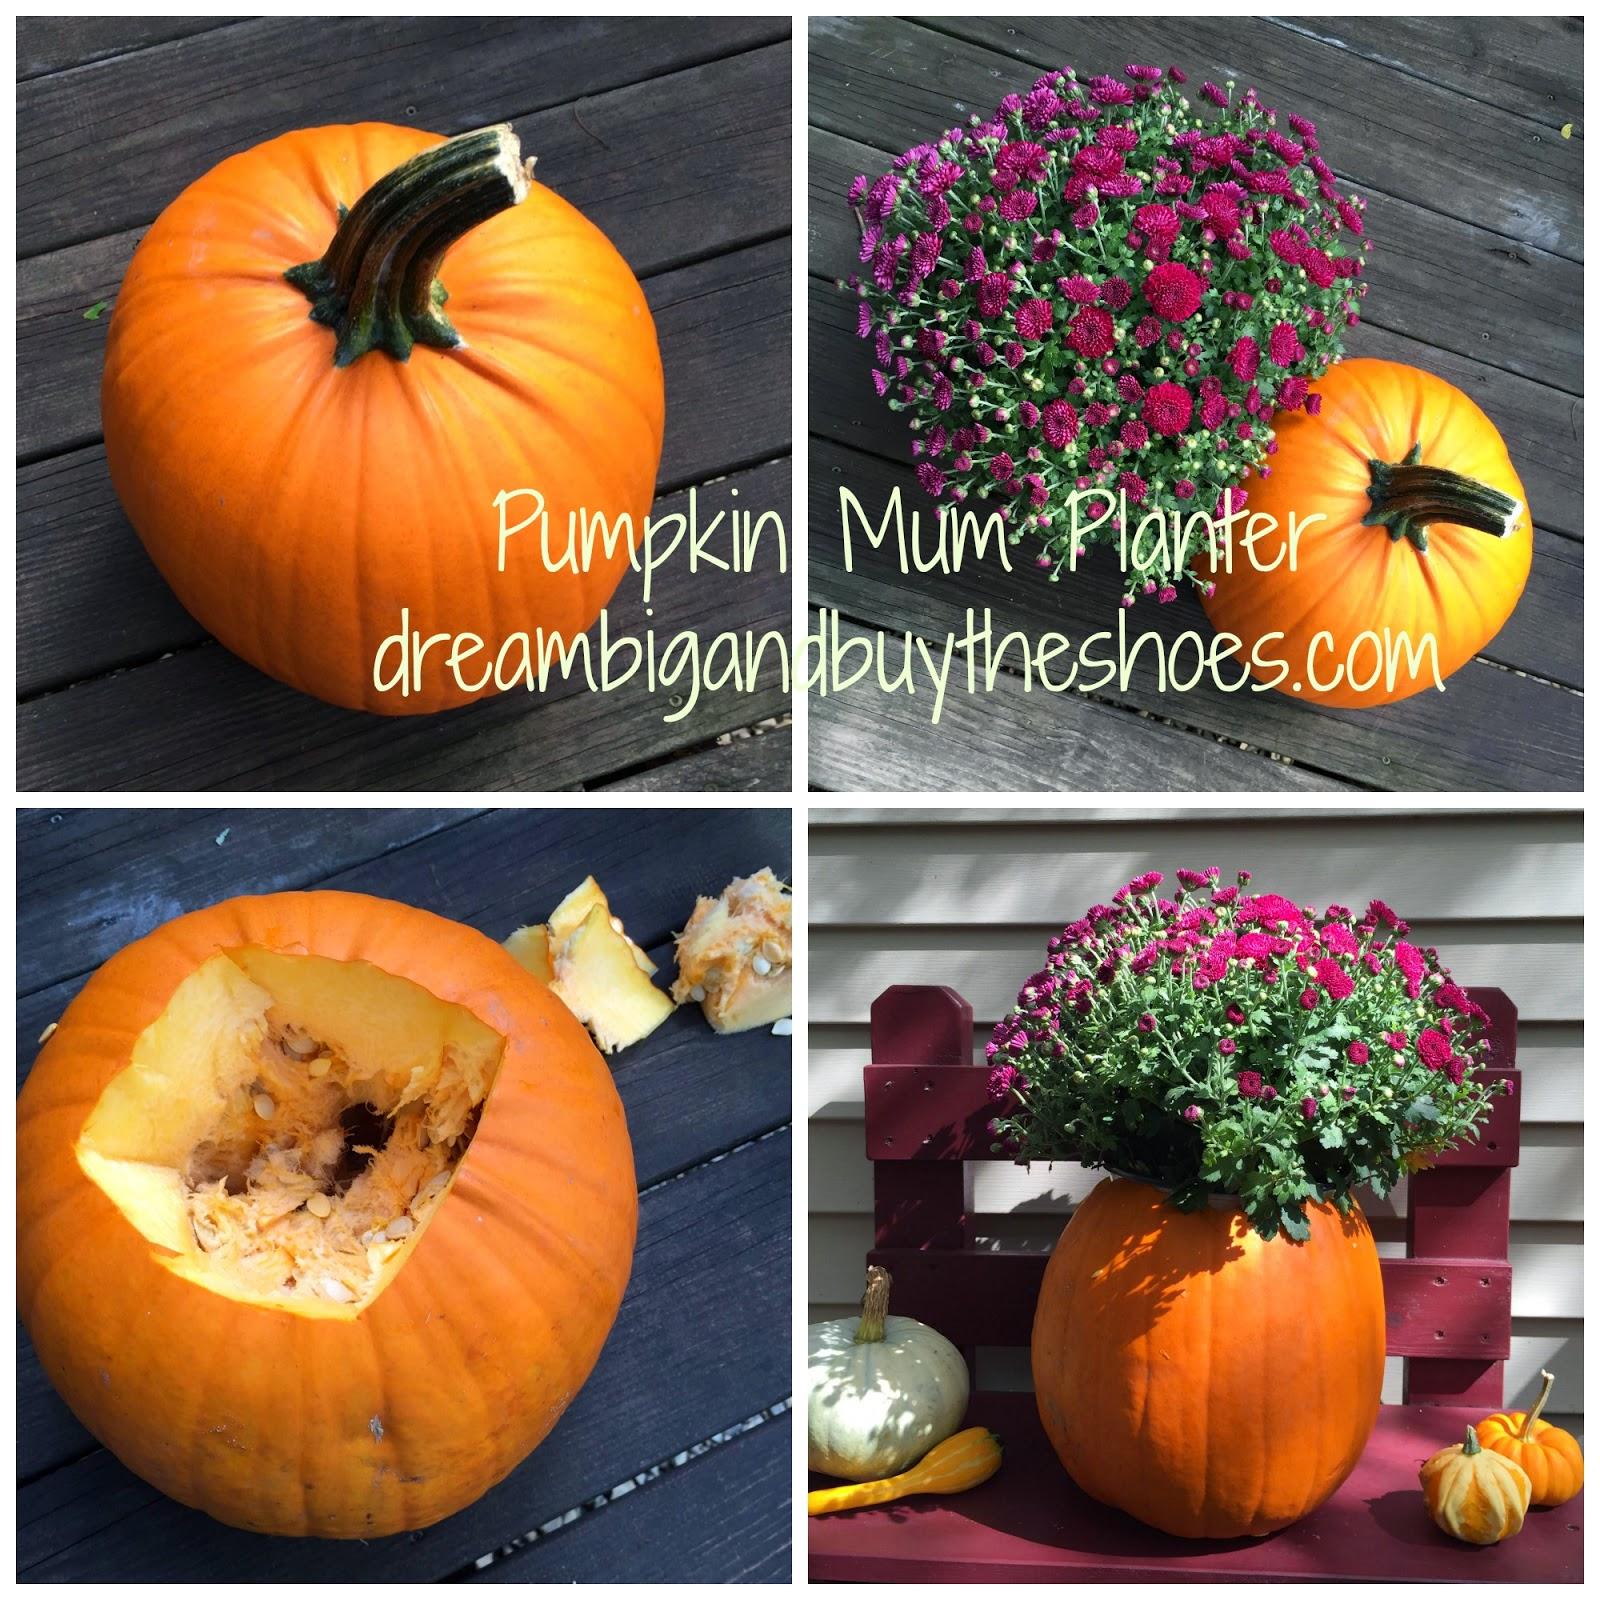 pumpkin_mum_planter